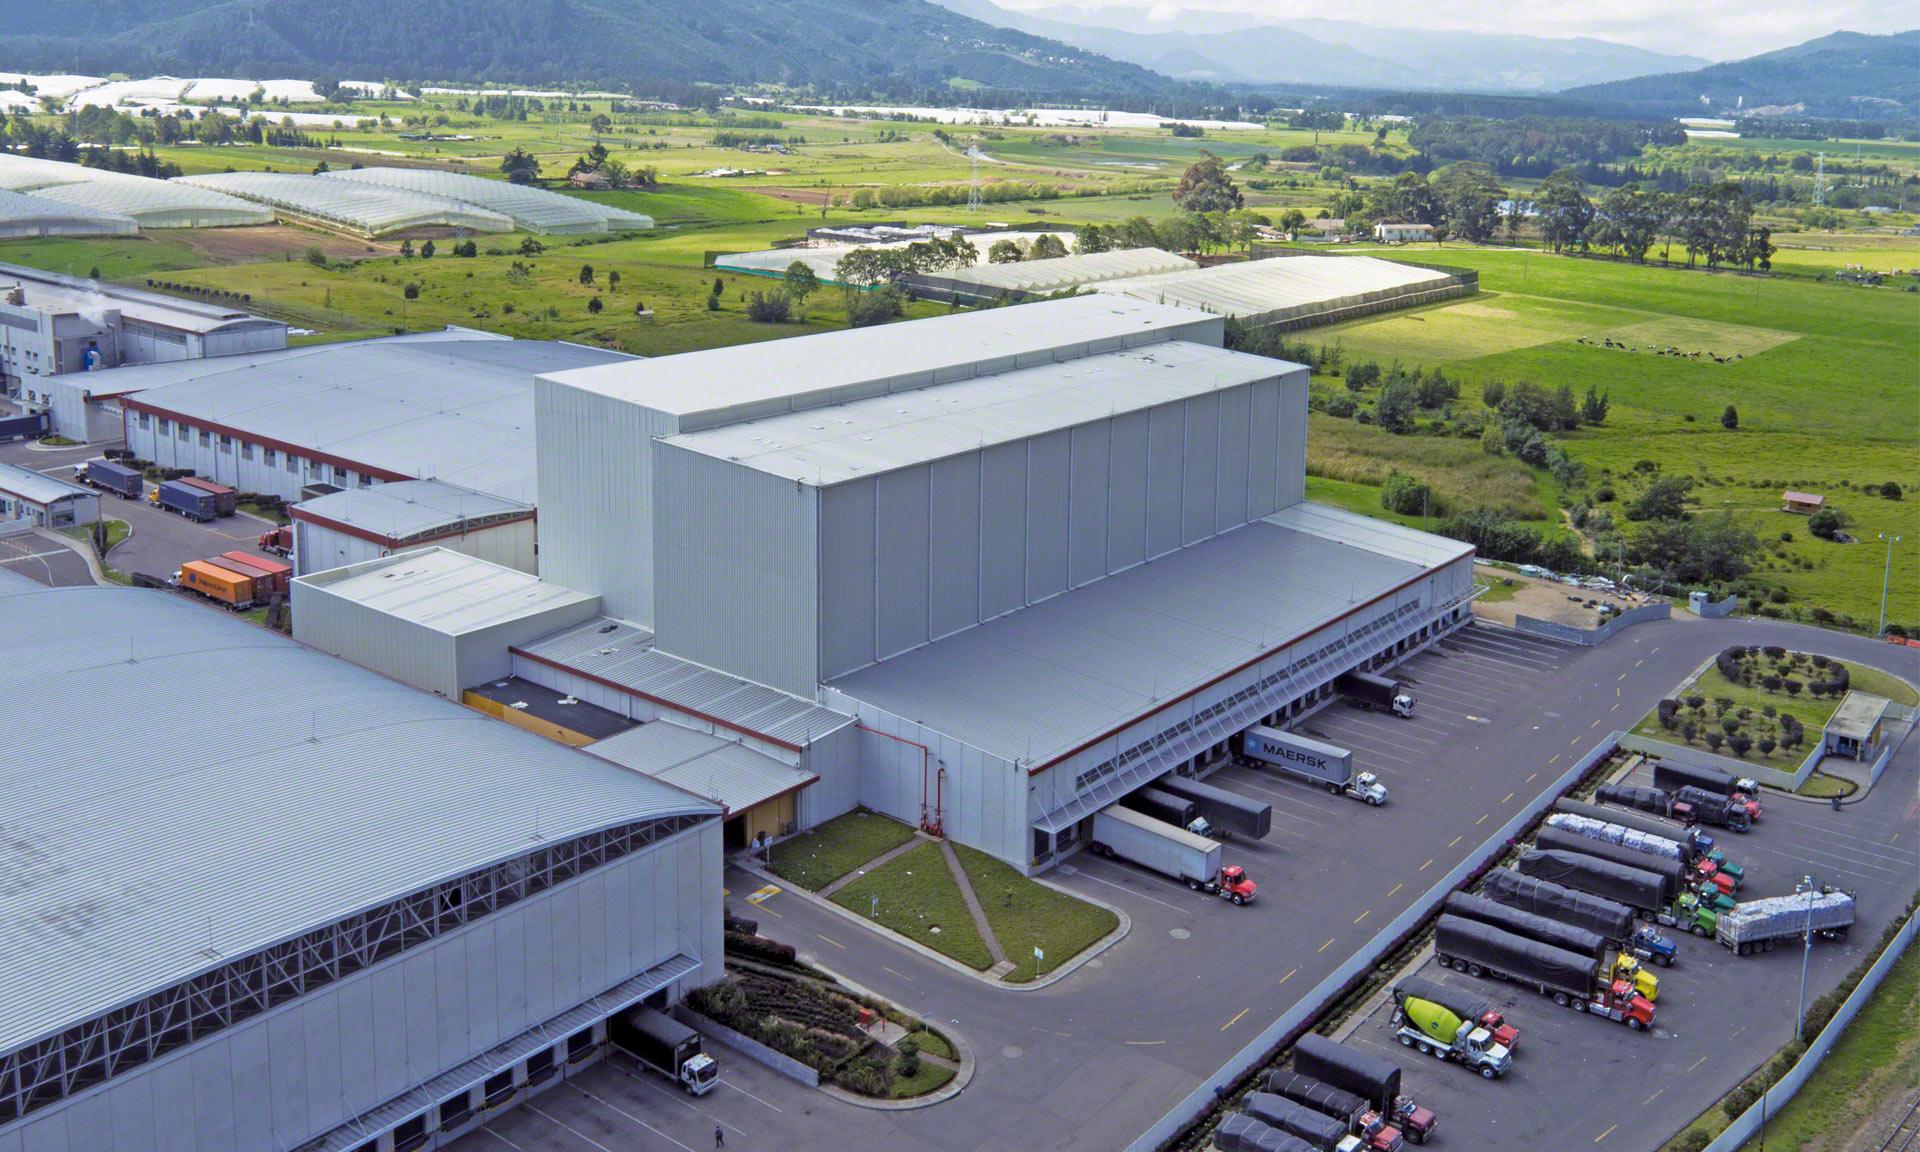 Grupo Familia cuenta con una bodega automática autoportante de 35 m de altura capaz de gestionar cerca de 17.000 estibass